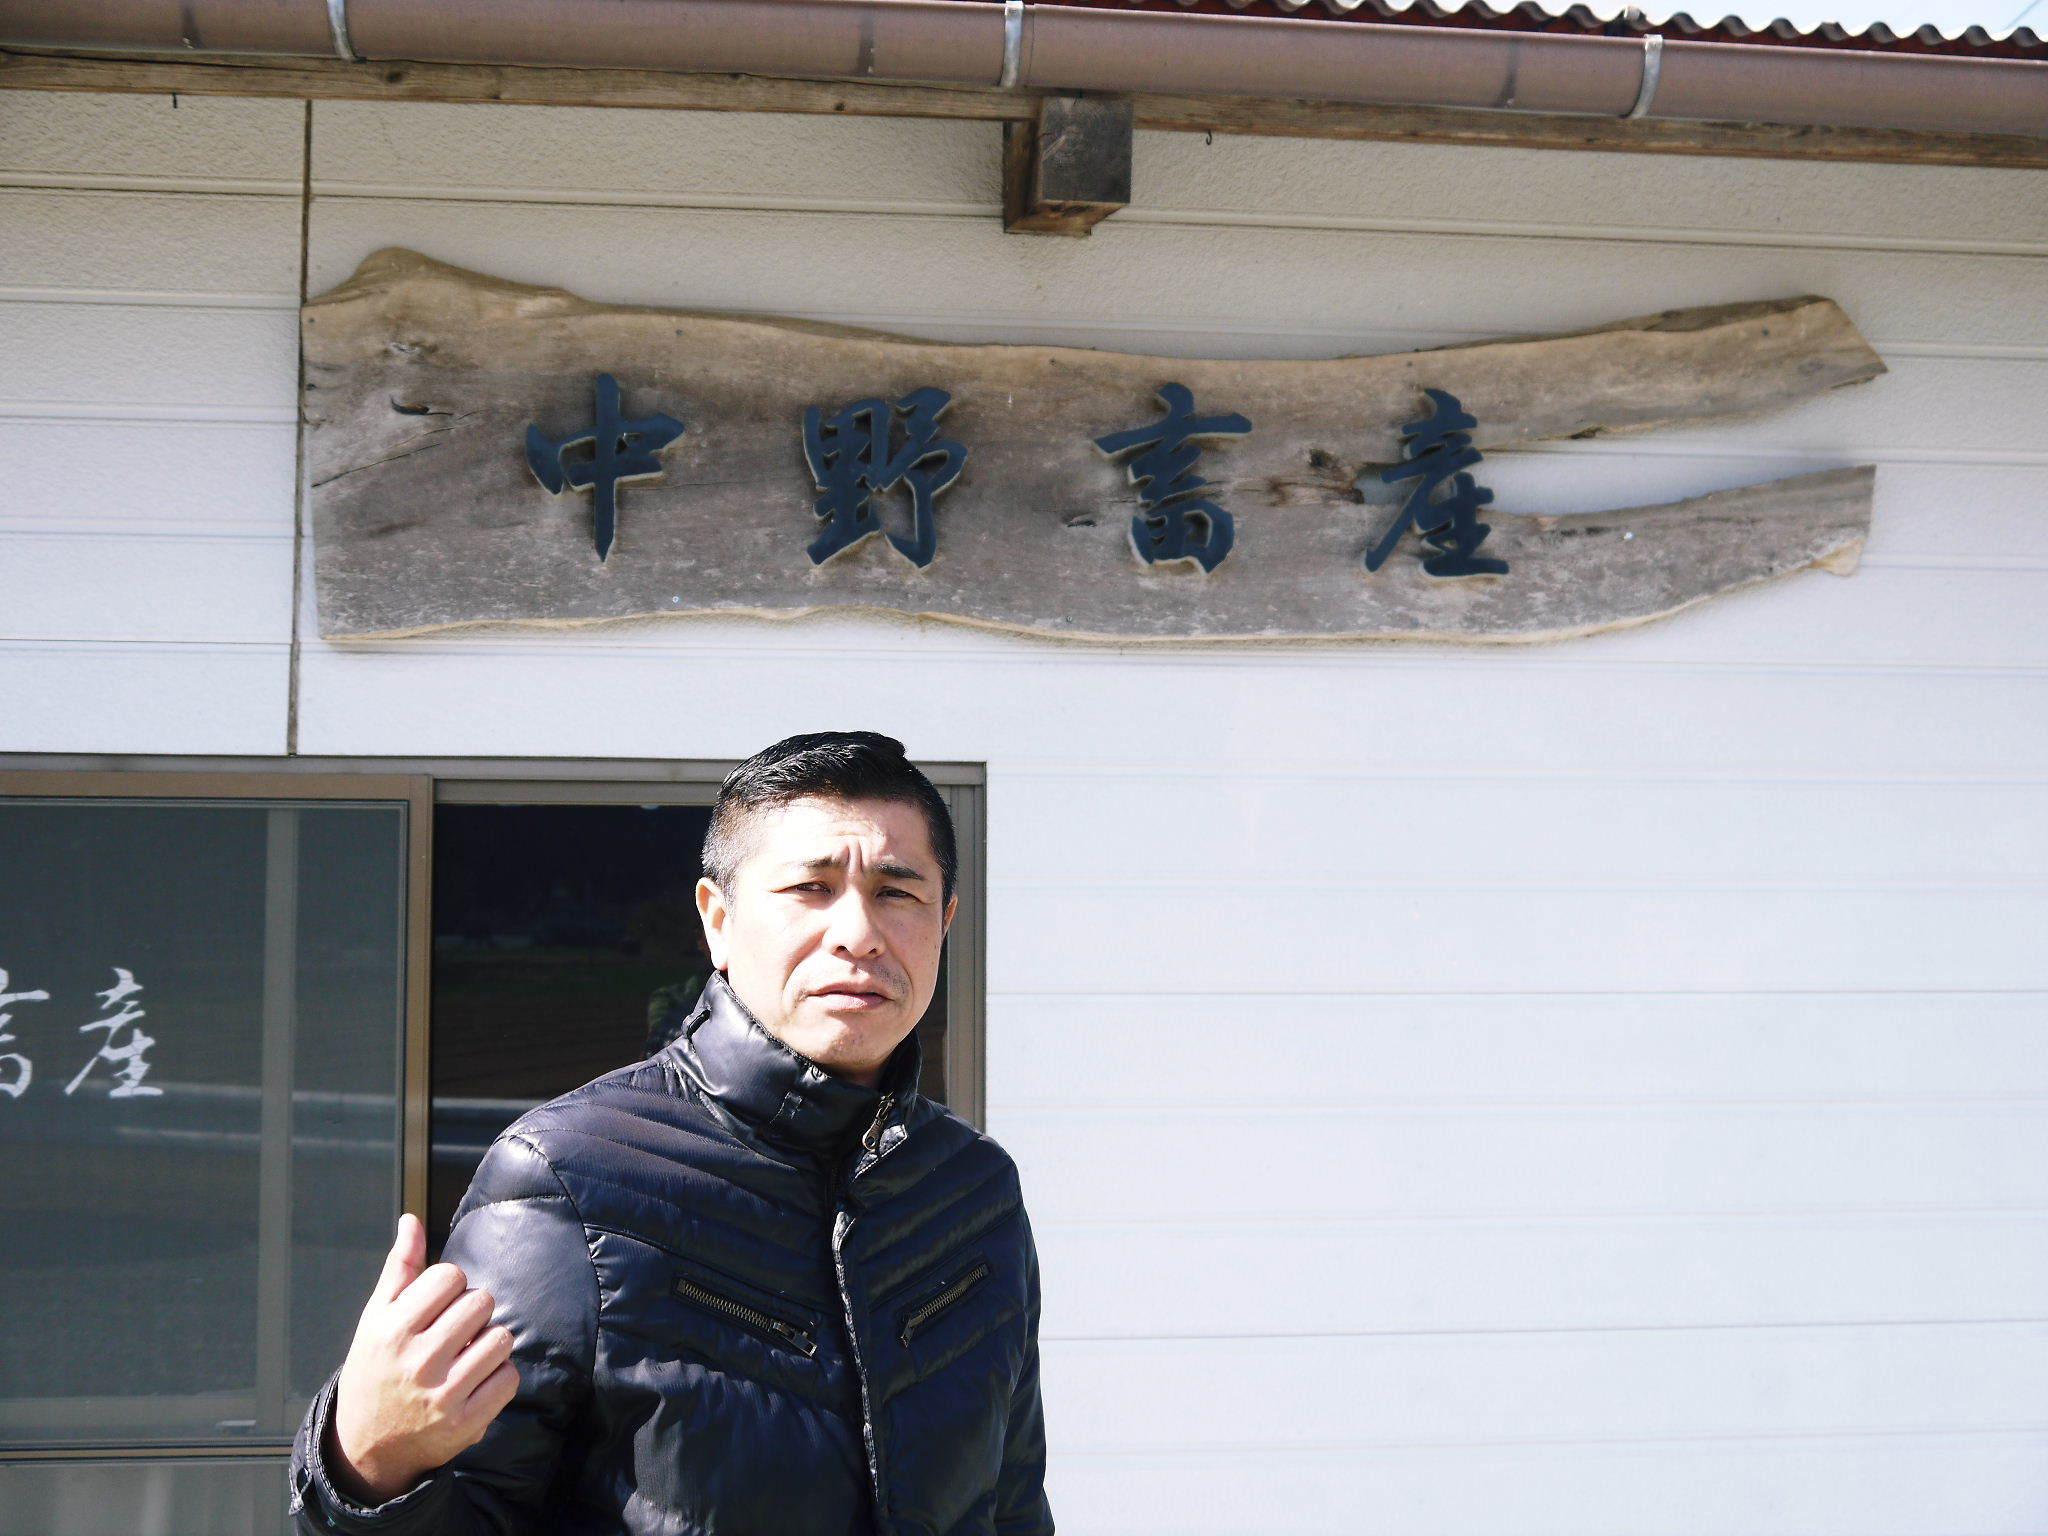 大人気!熊本県産A5ランク黒毛和牛100%のハンバーグステーキ!毎月1回の限定販売!3月は24日発送! _a0254656_18151040.jpg